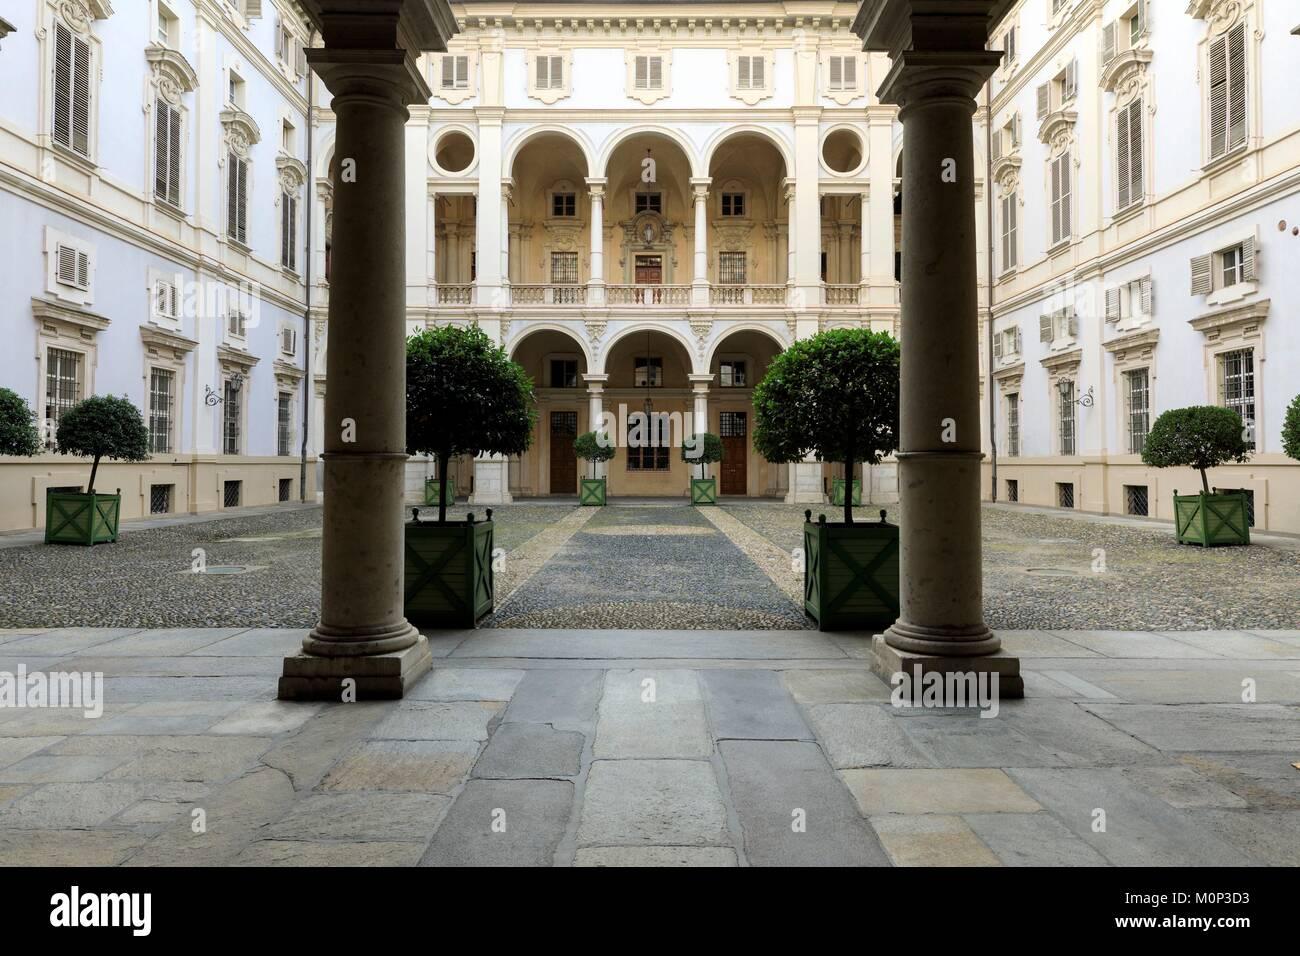 Italy,Piedmont,Turin Province,Turin,Palazzo Saluzzo Paesana - Stock Image